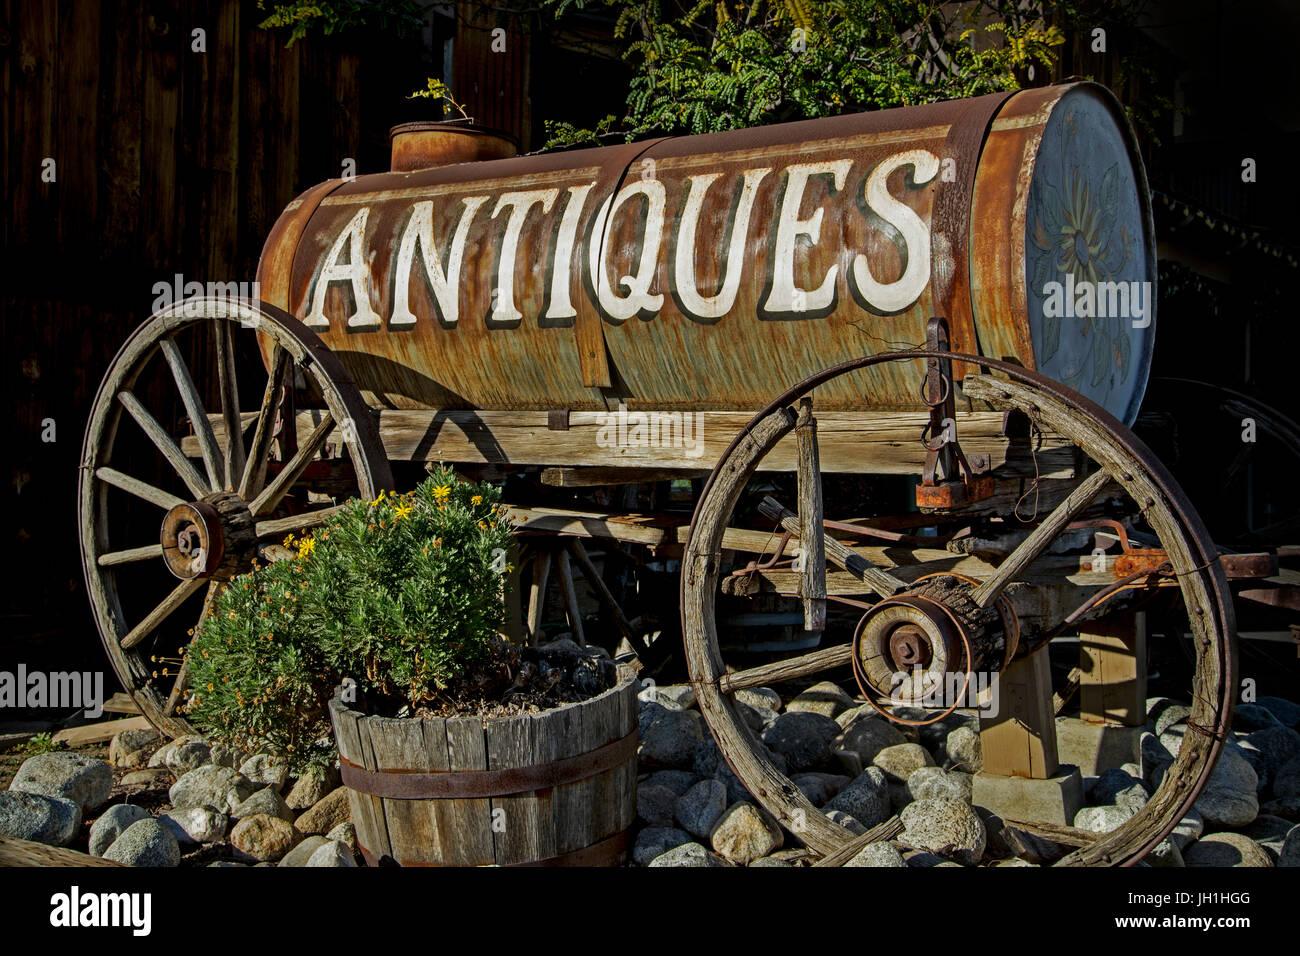 Un segno per un negozio di antiquariato dipinta sulla fiancata di un ripartiti a cavallo il cisterna d'acqua. Immagini Stock